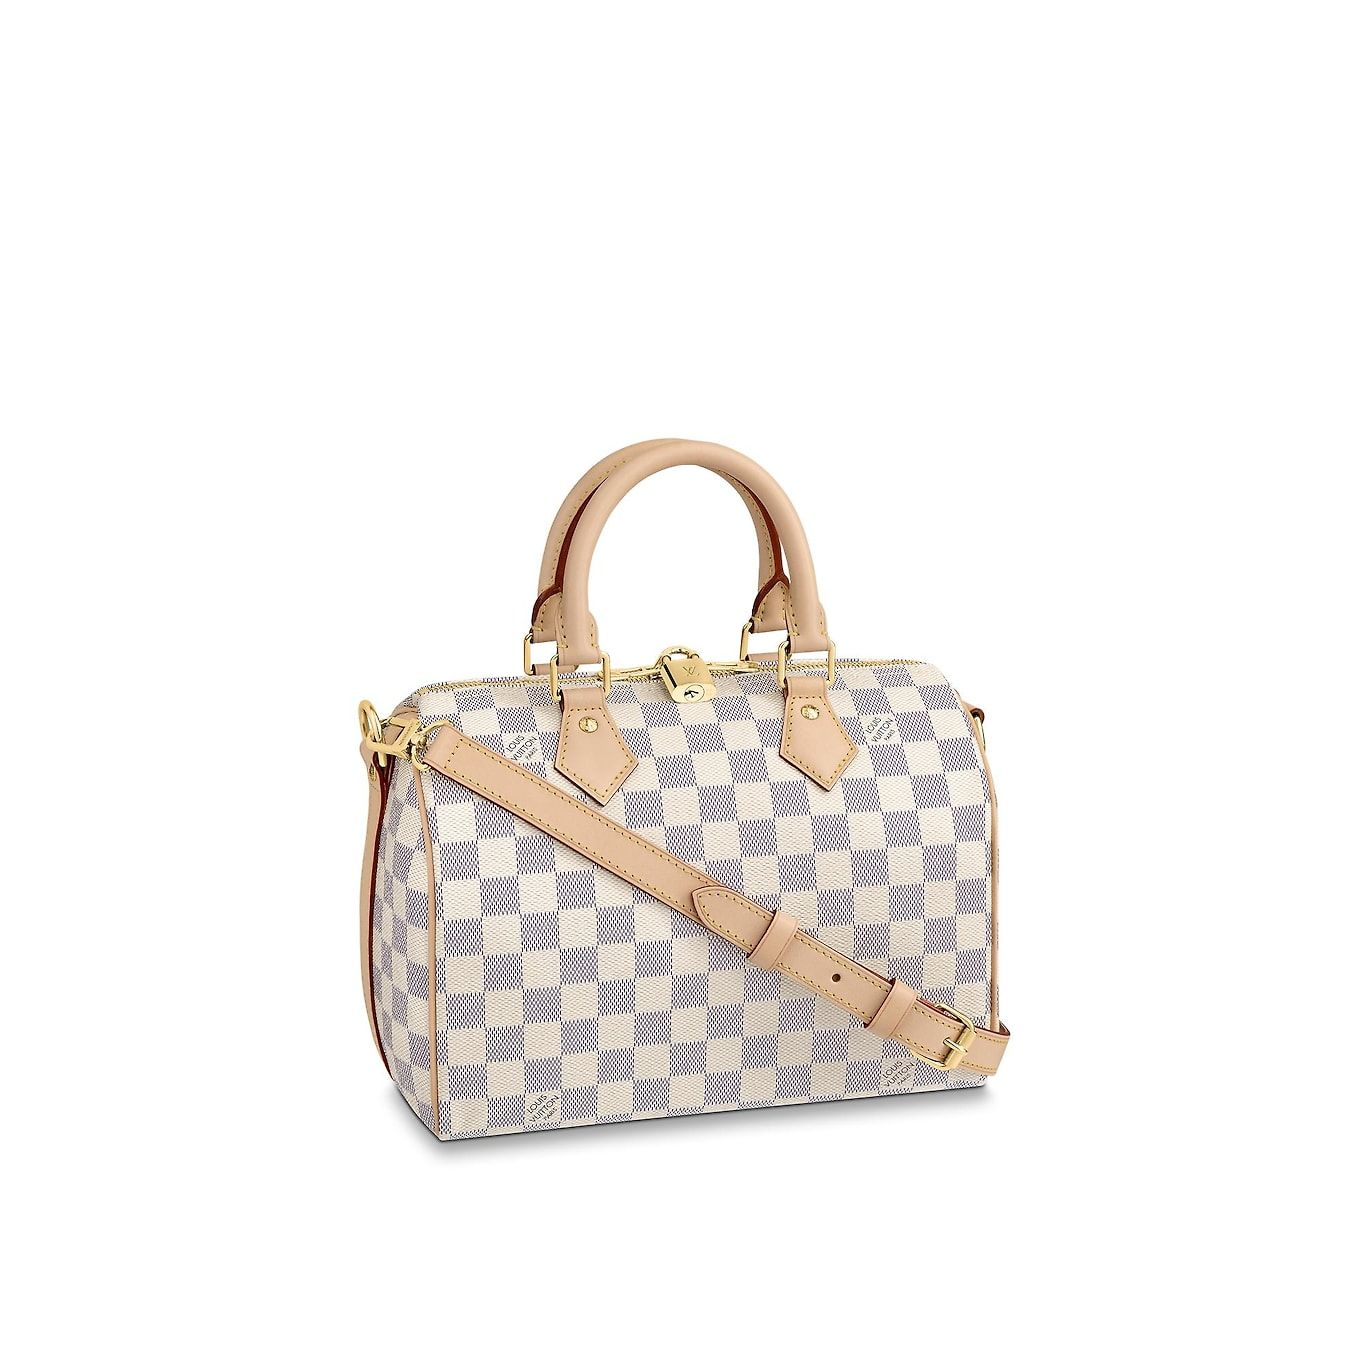 Sac à main Louis Vuitton Speedy 30 cm Vue 1 - Cadeau Noël de luxe pour Femme  - Sacs à main Sacs porté main ... e9826913791